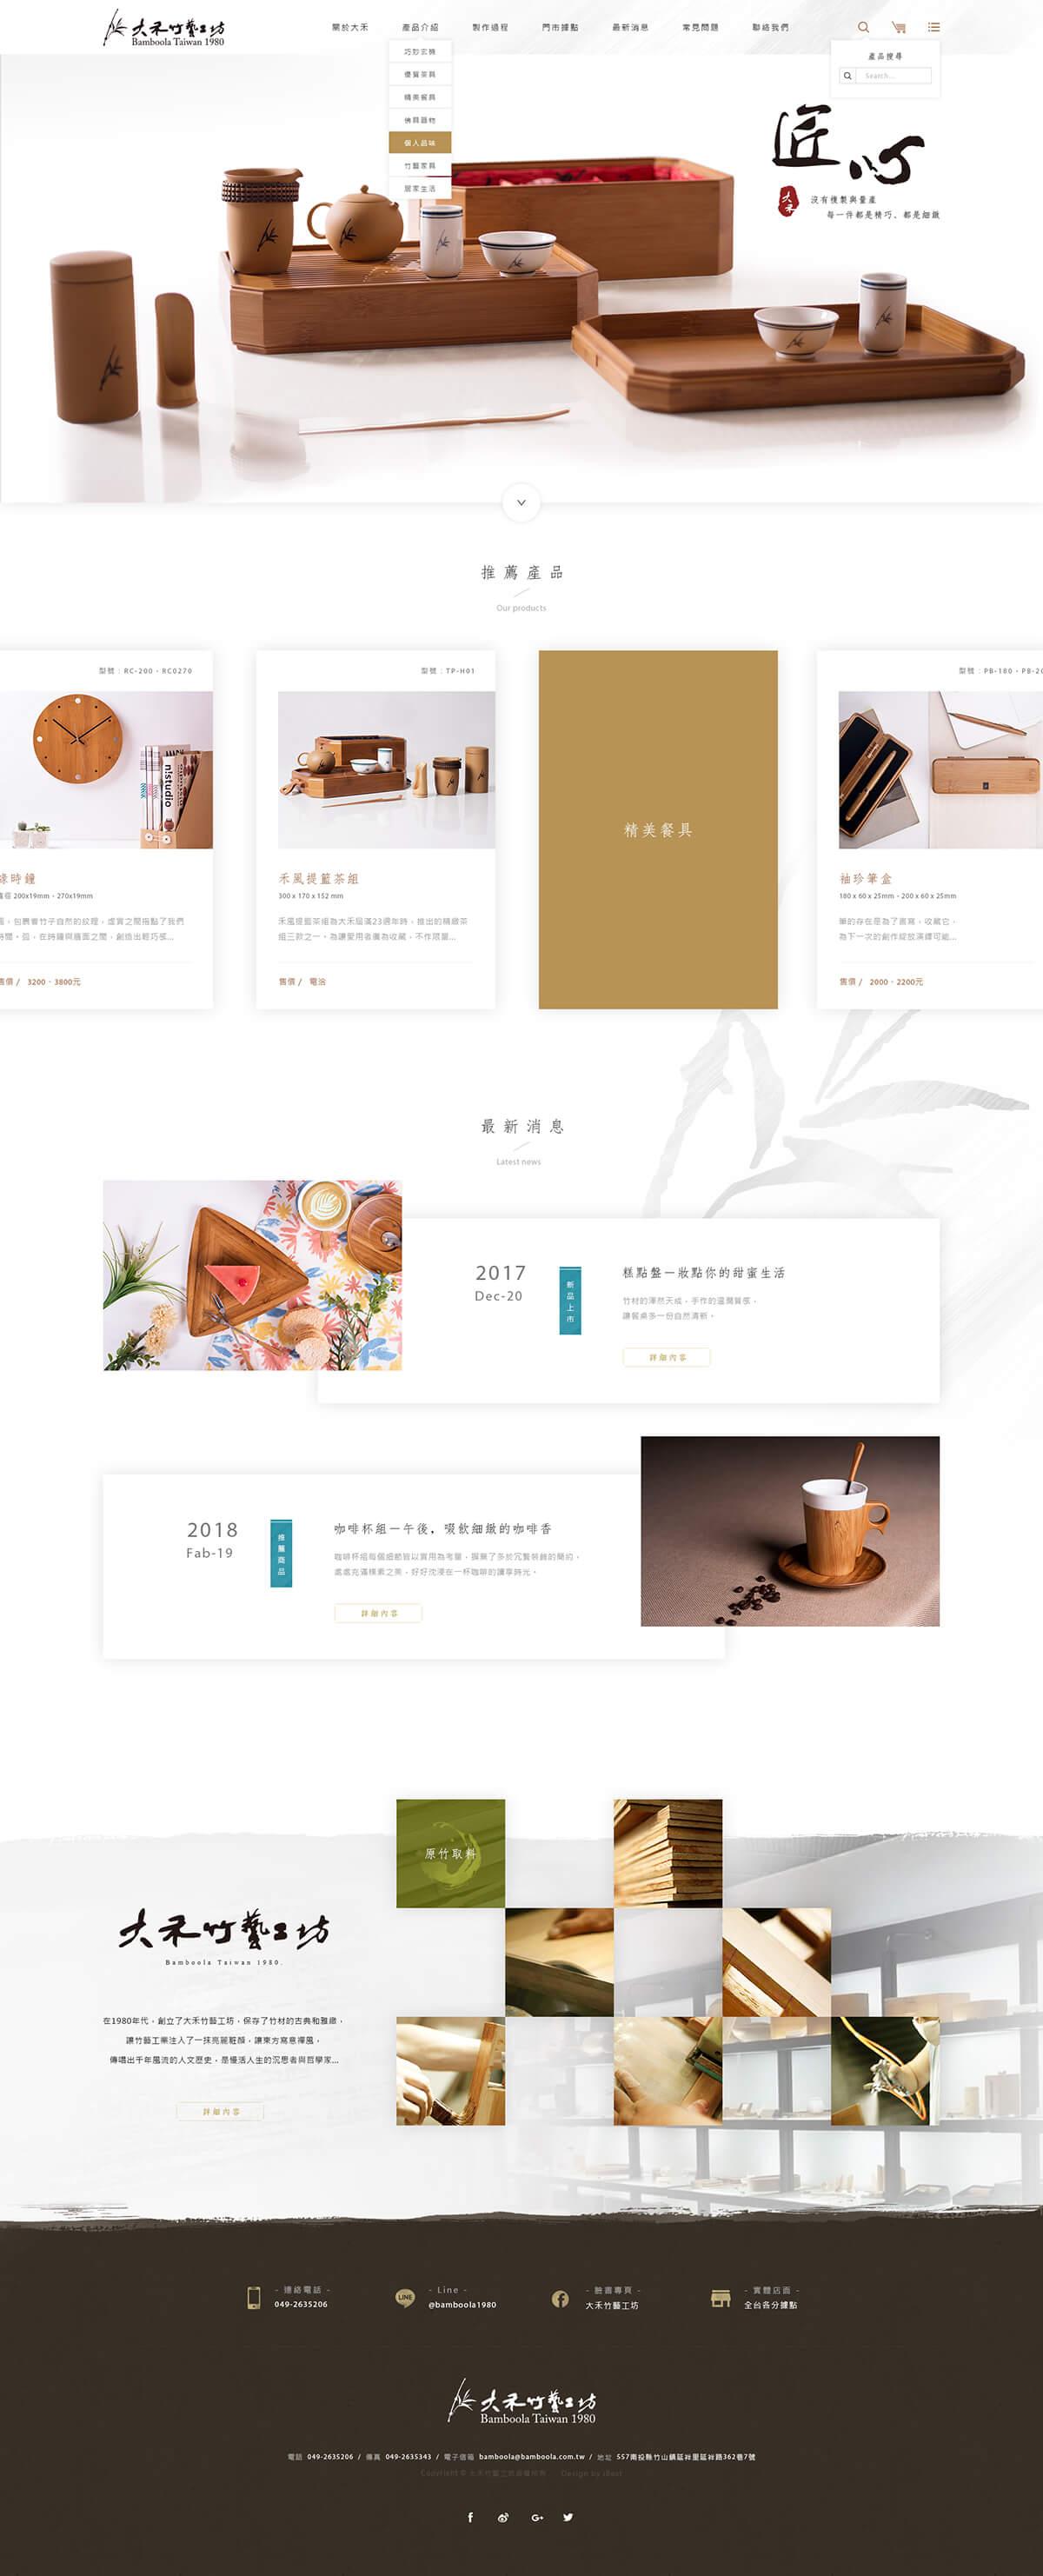 大禾竹藝工坊-網頁設計